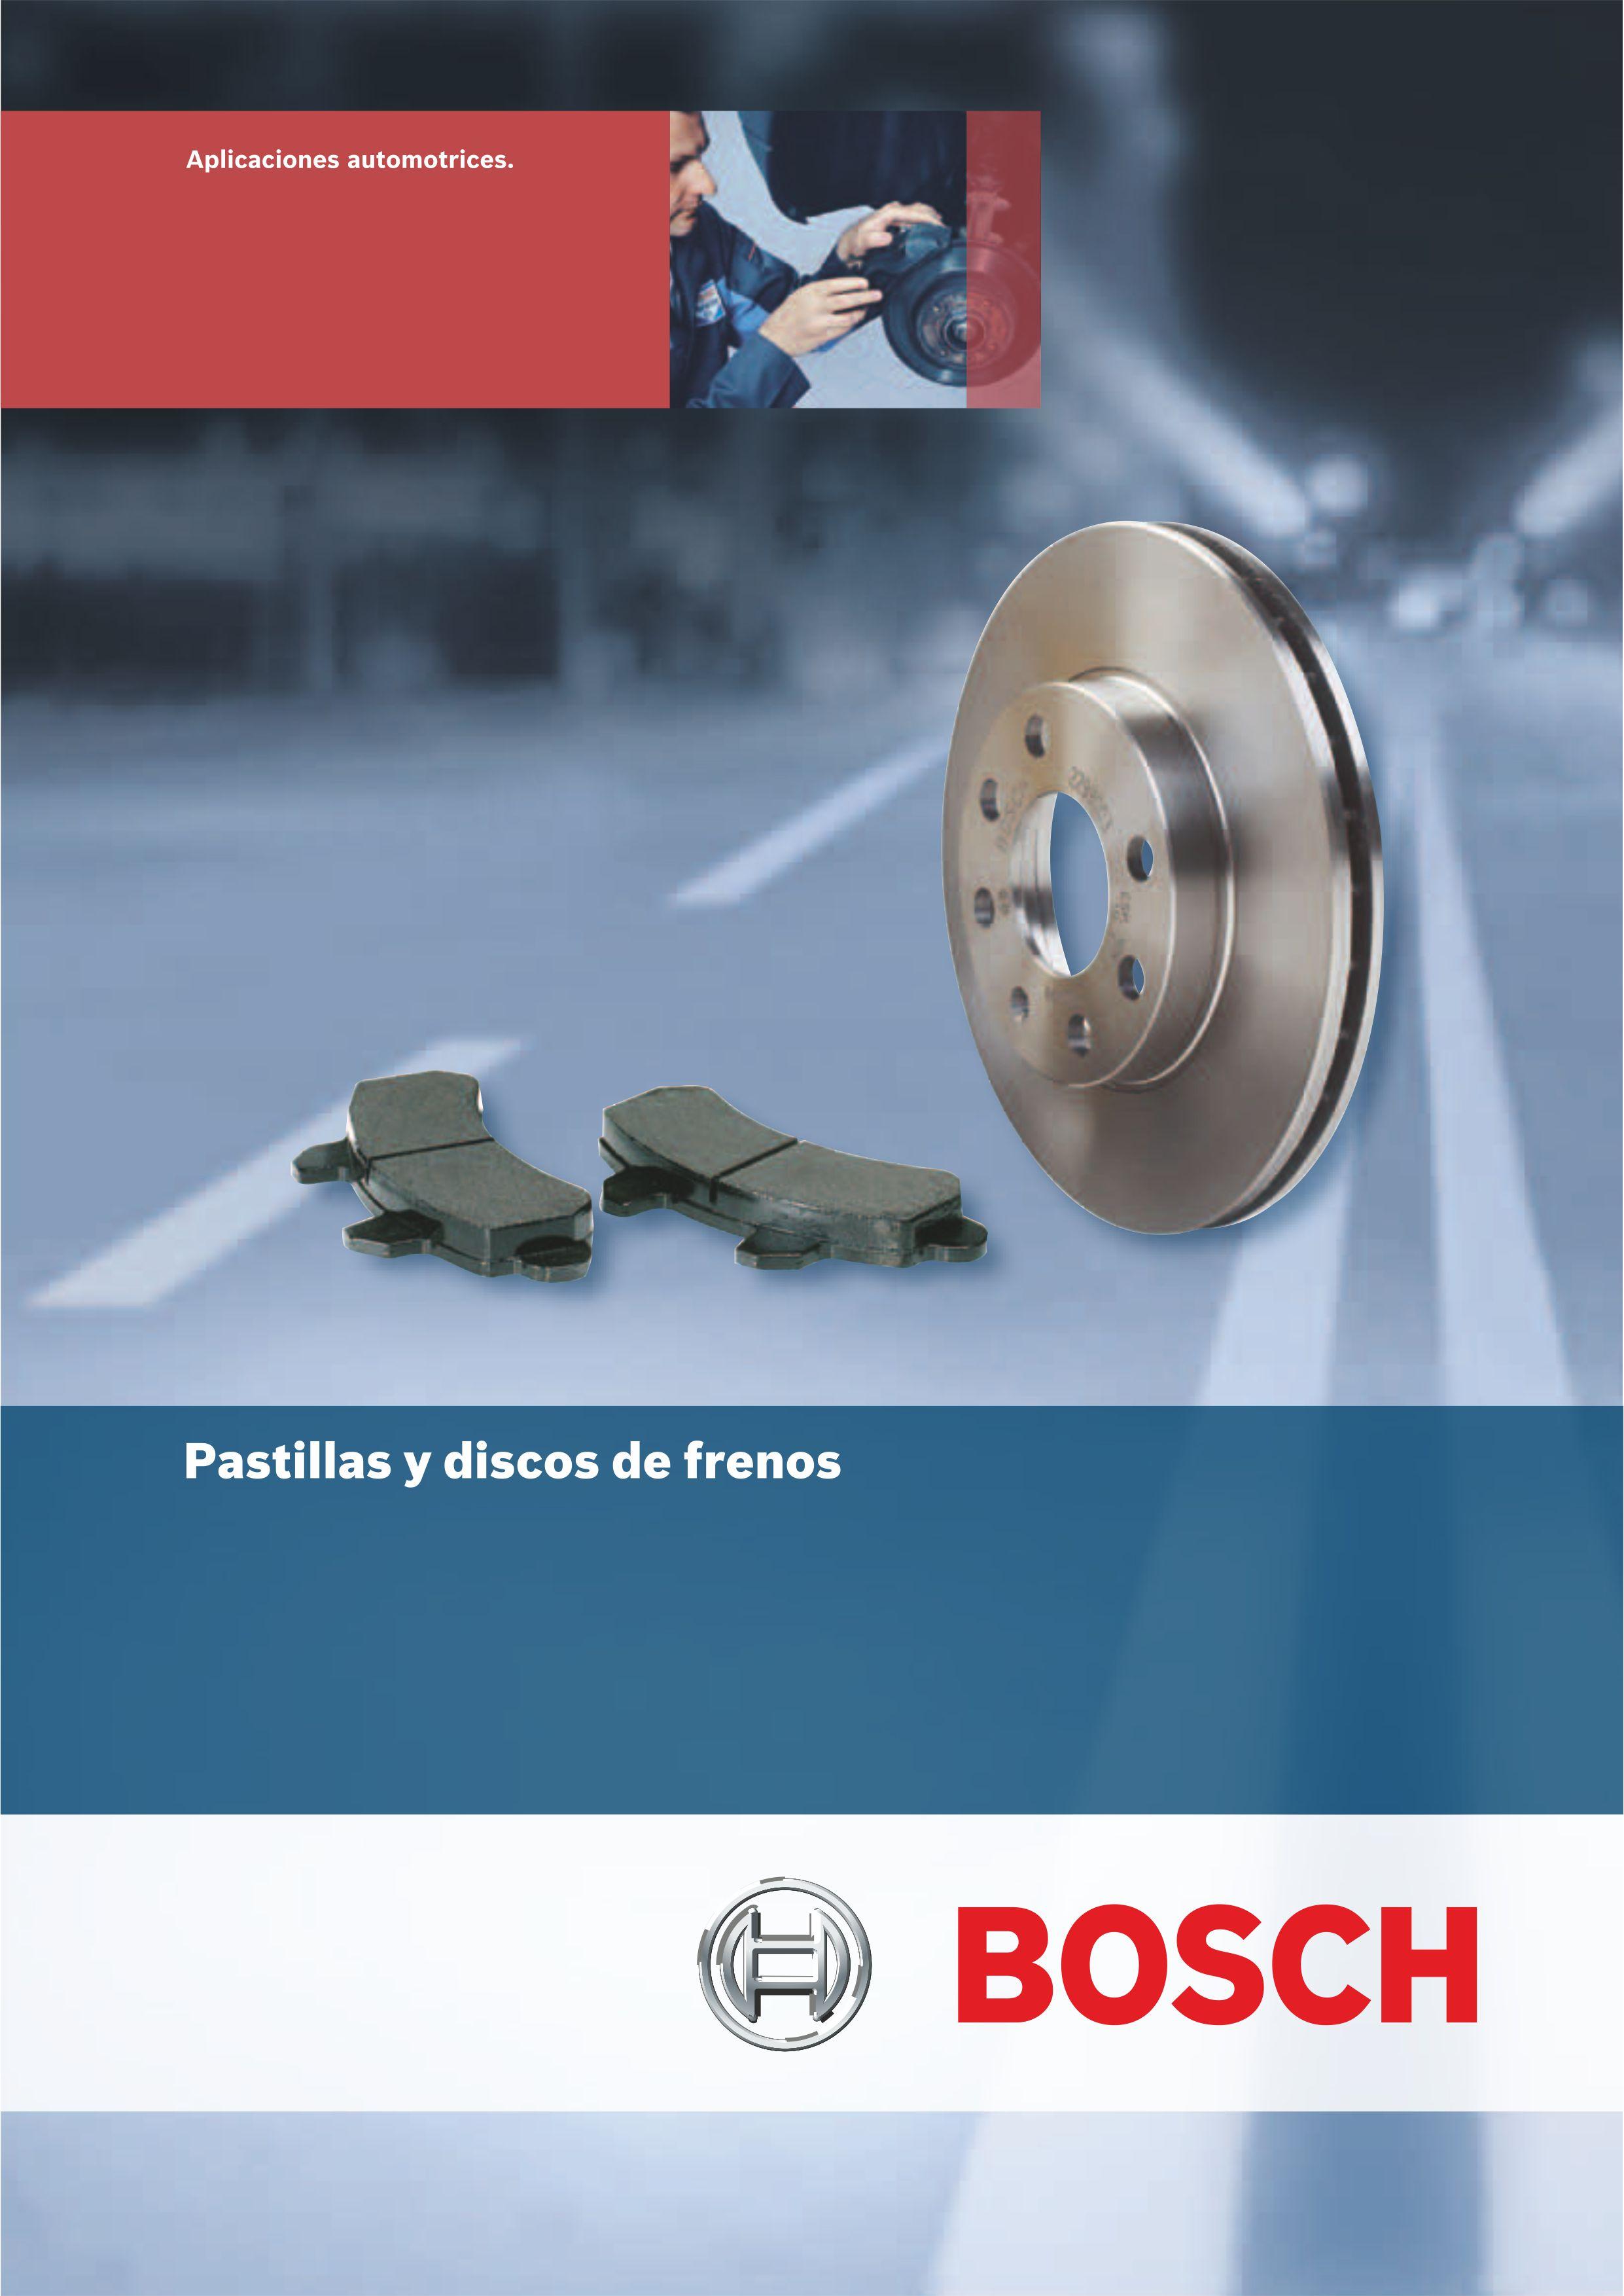 bosch-pastillas-y-discos-de-freno